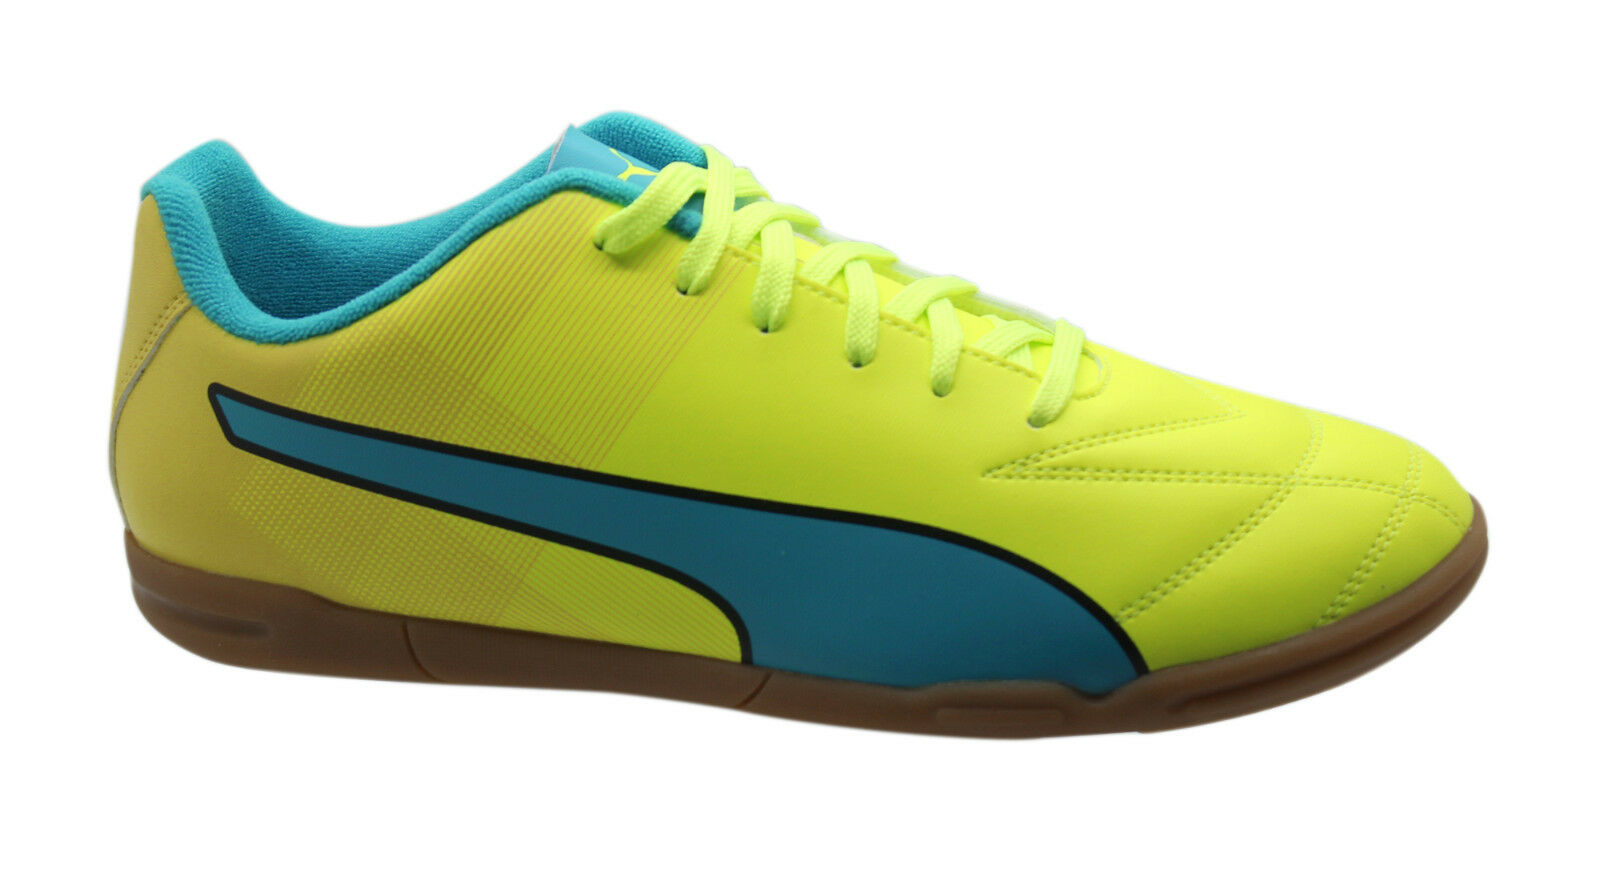 Puma sala zapatillas Hombre zapatillas Puma fútbol sala Puma Adreno II zapatos dc7391